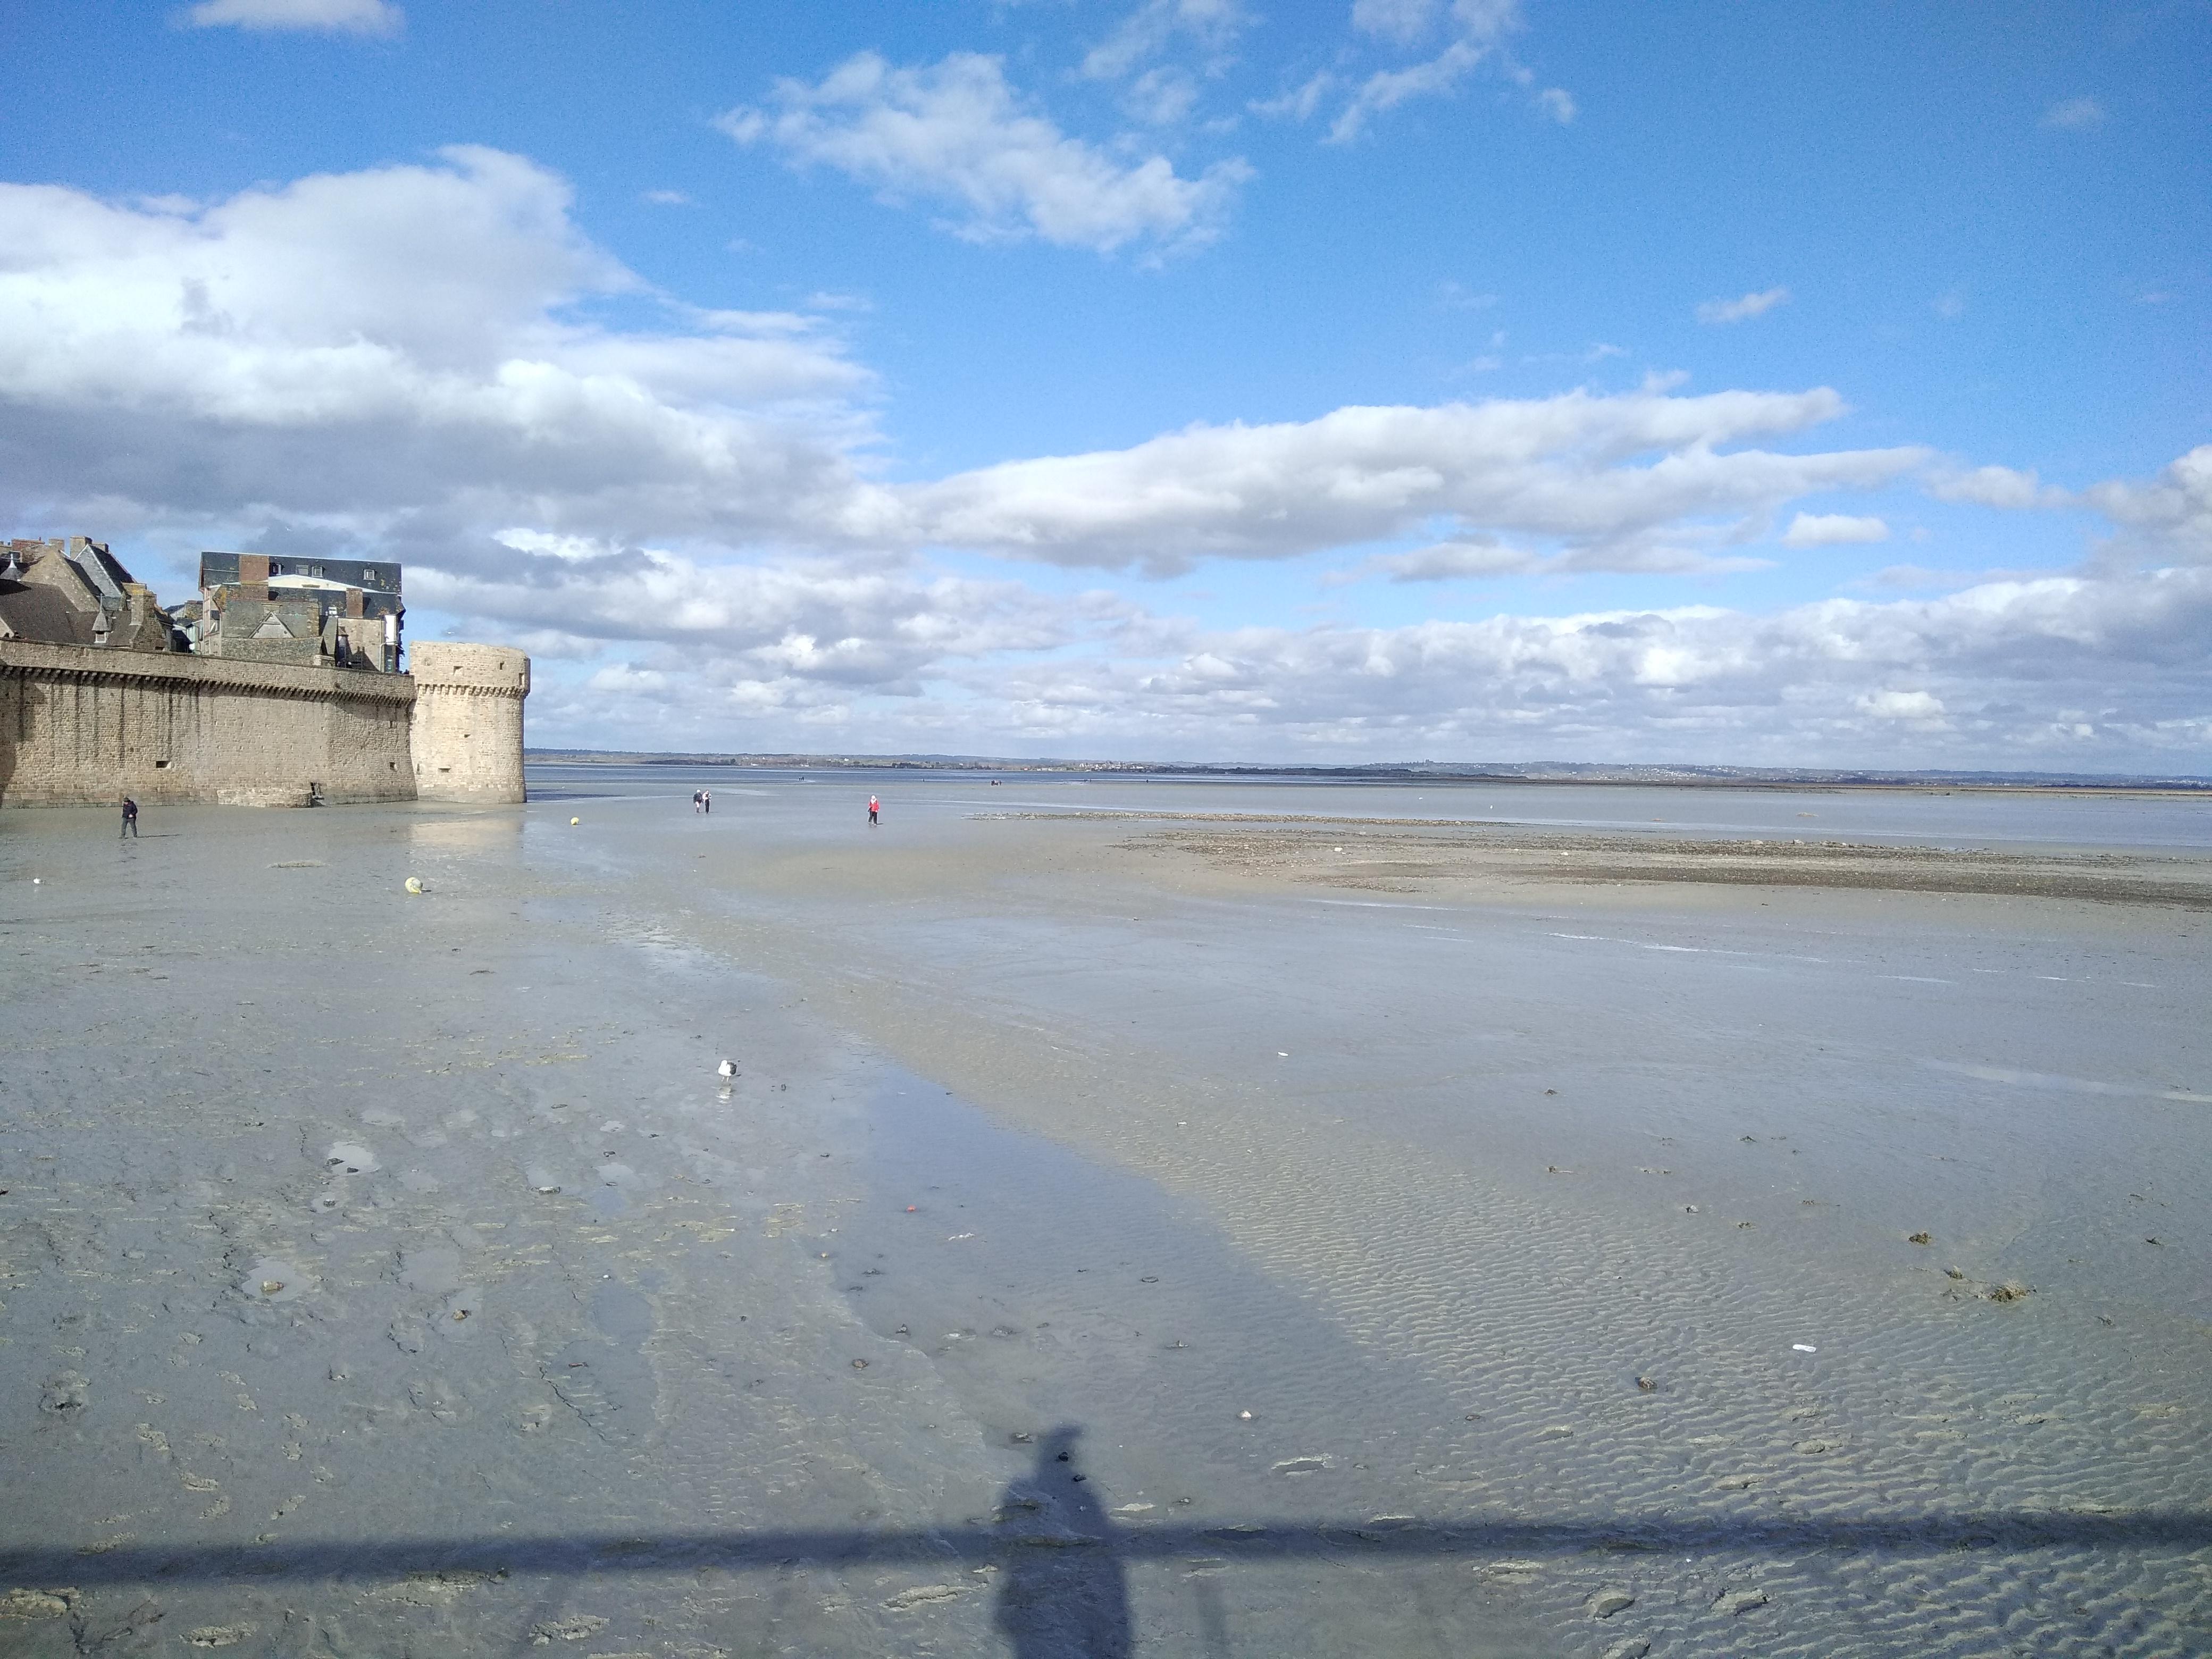 La baie à marée basse